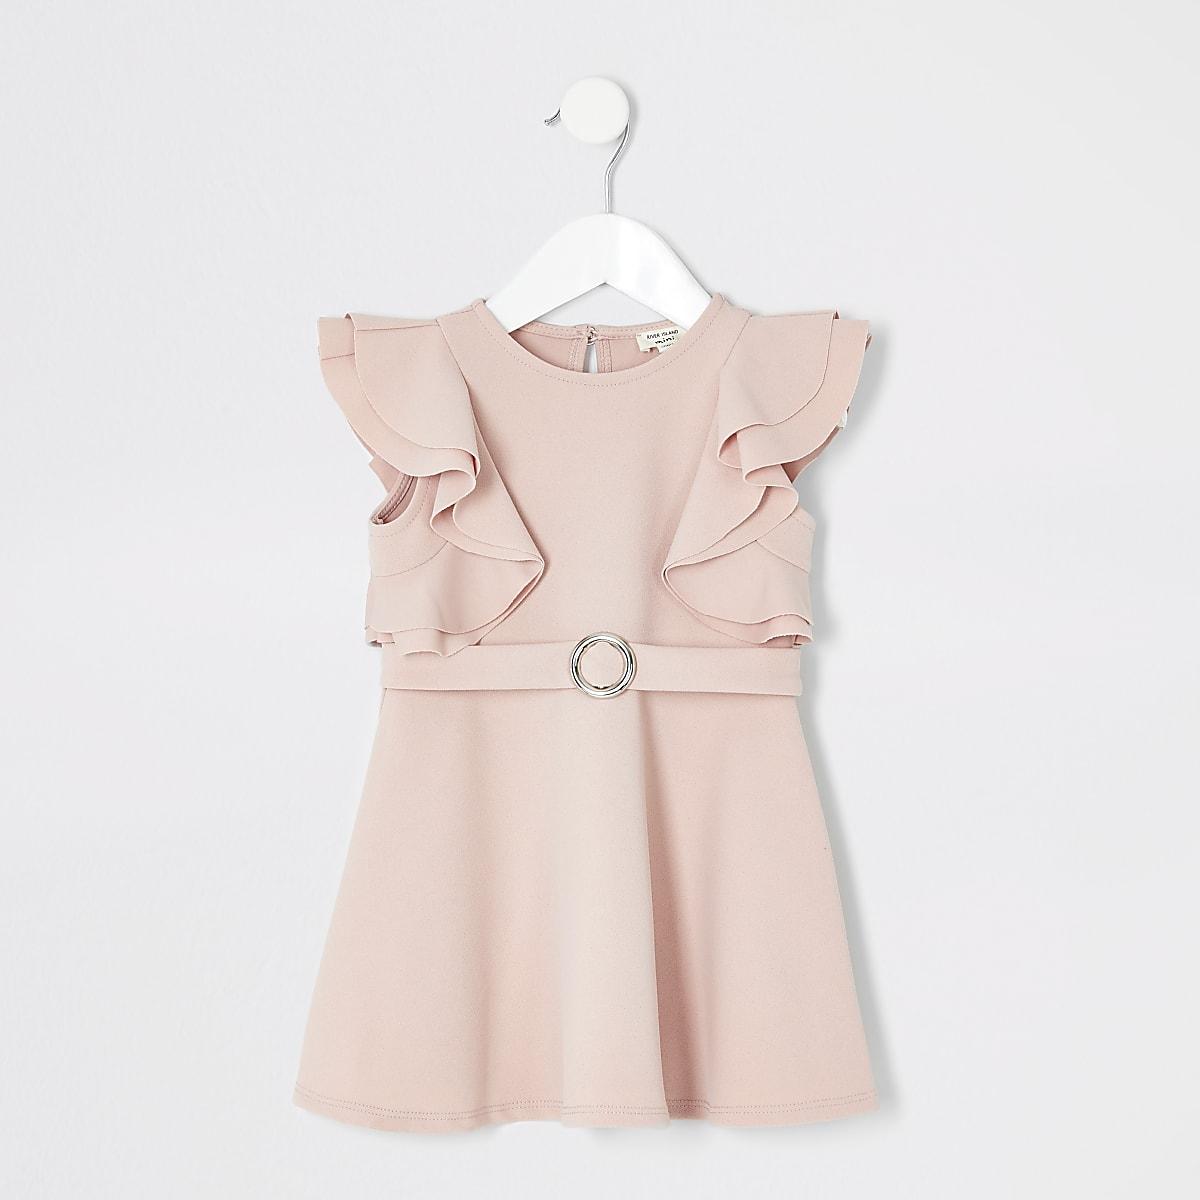 Mini - Roze jurk met ruches en ceintuur voor meisjes